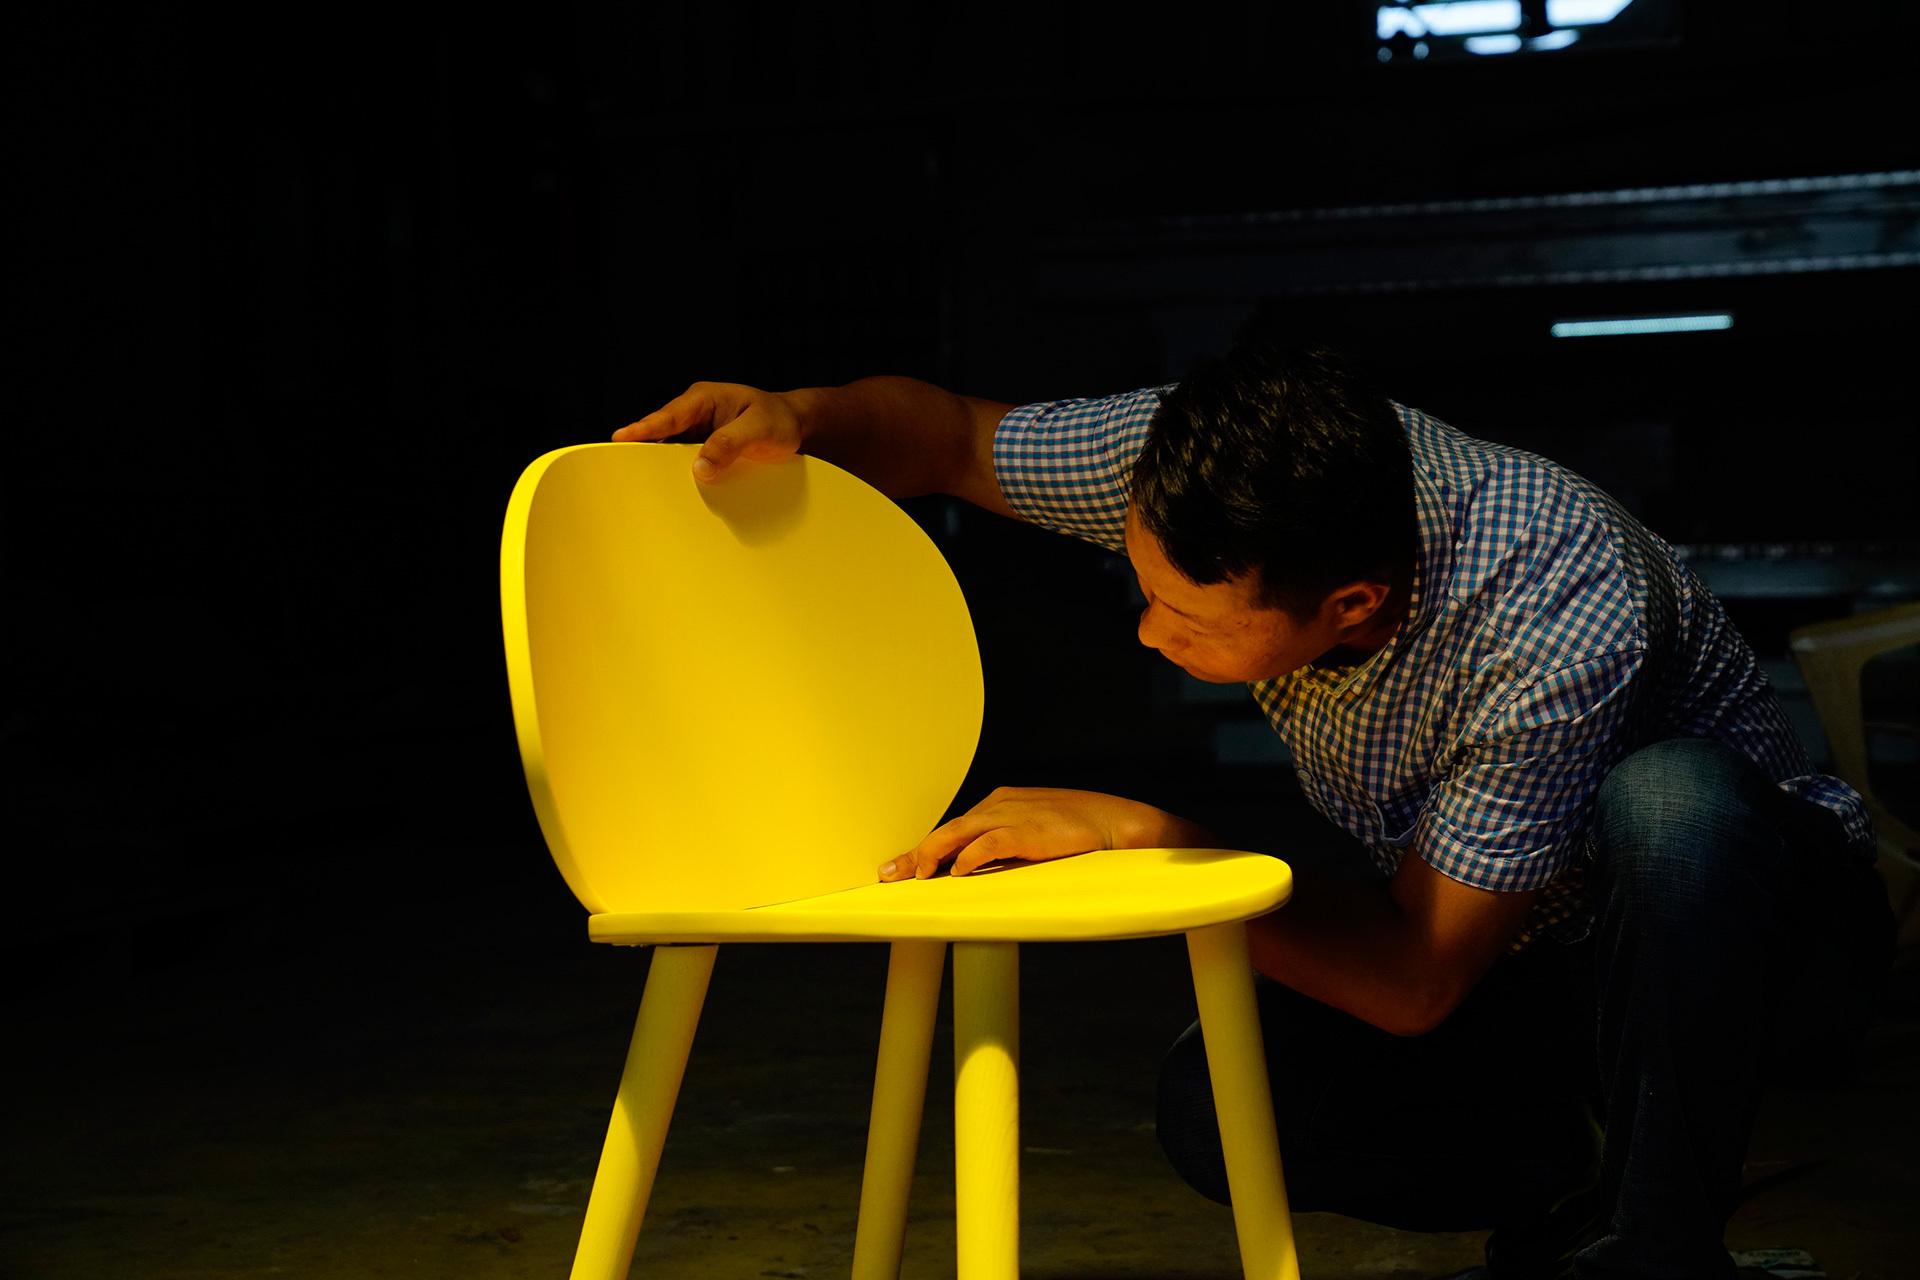 工作人员精细检查椅子的背部细节及连接紧密度